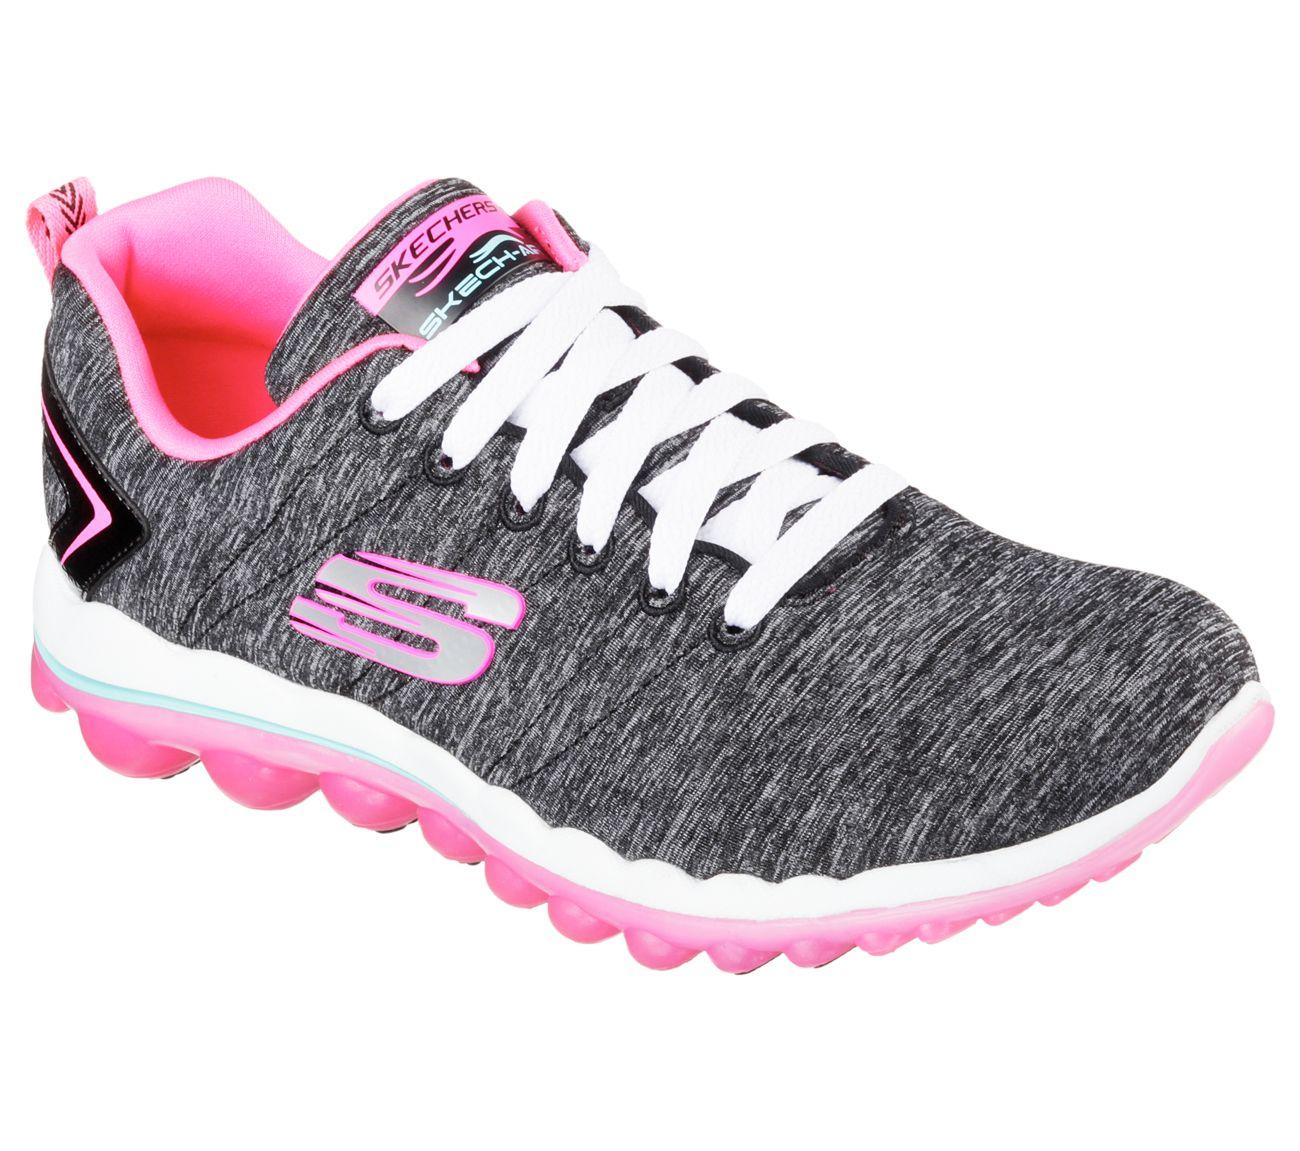 skechers air 2.0 ladies running shoes